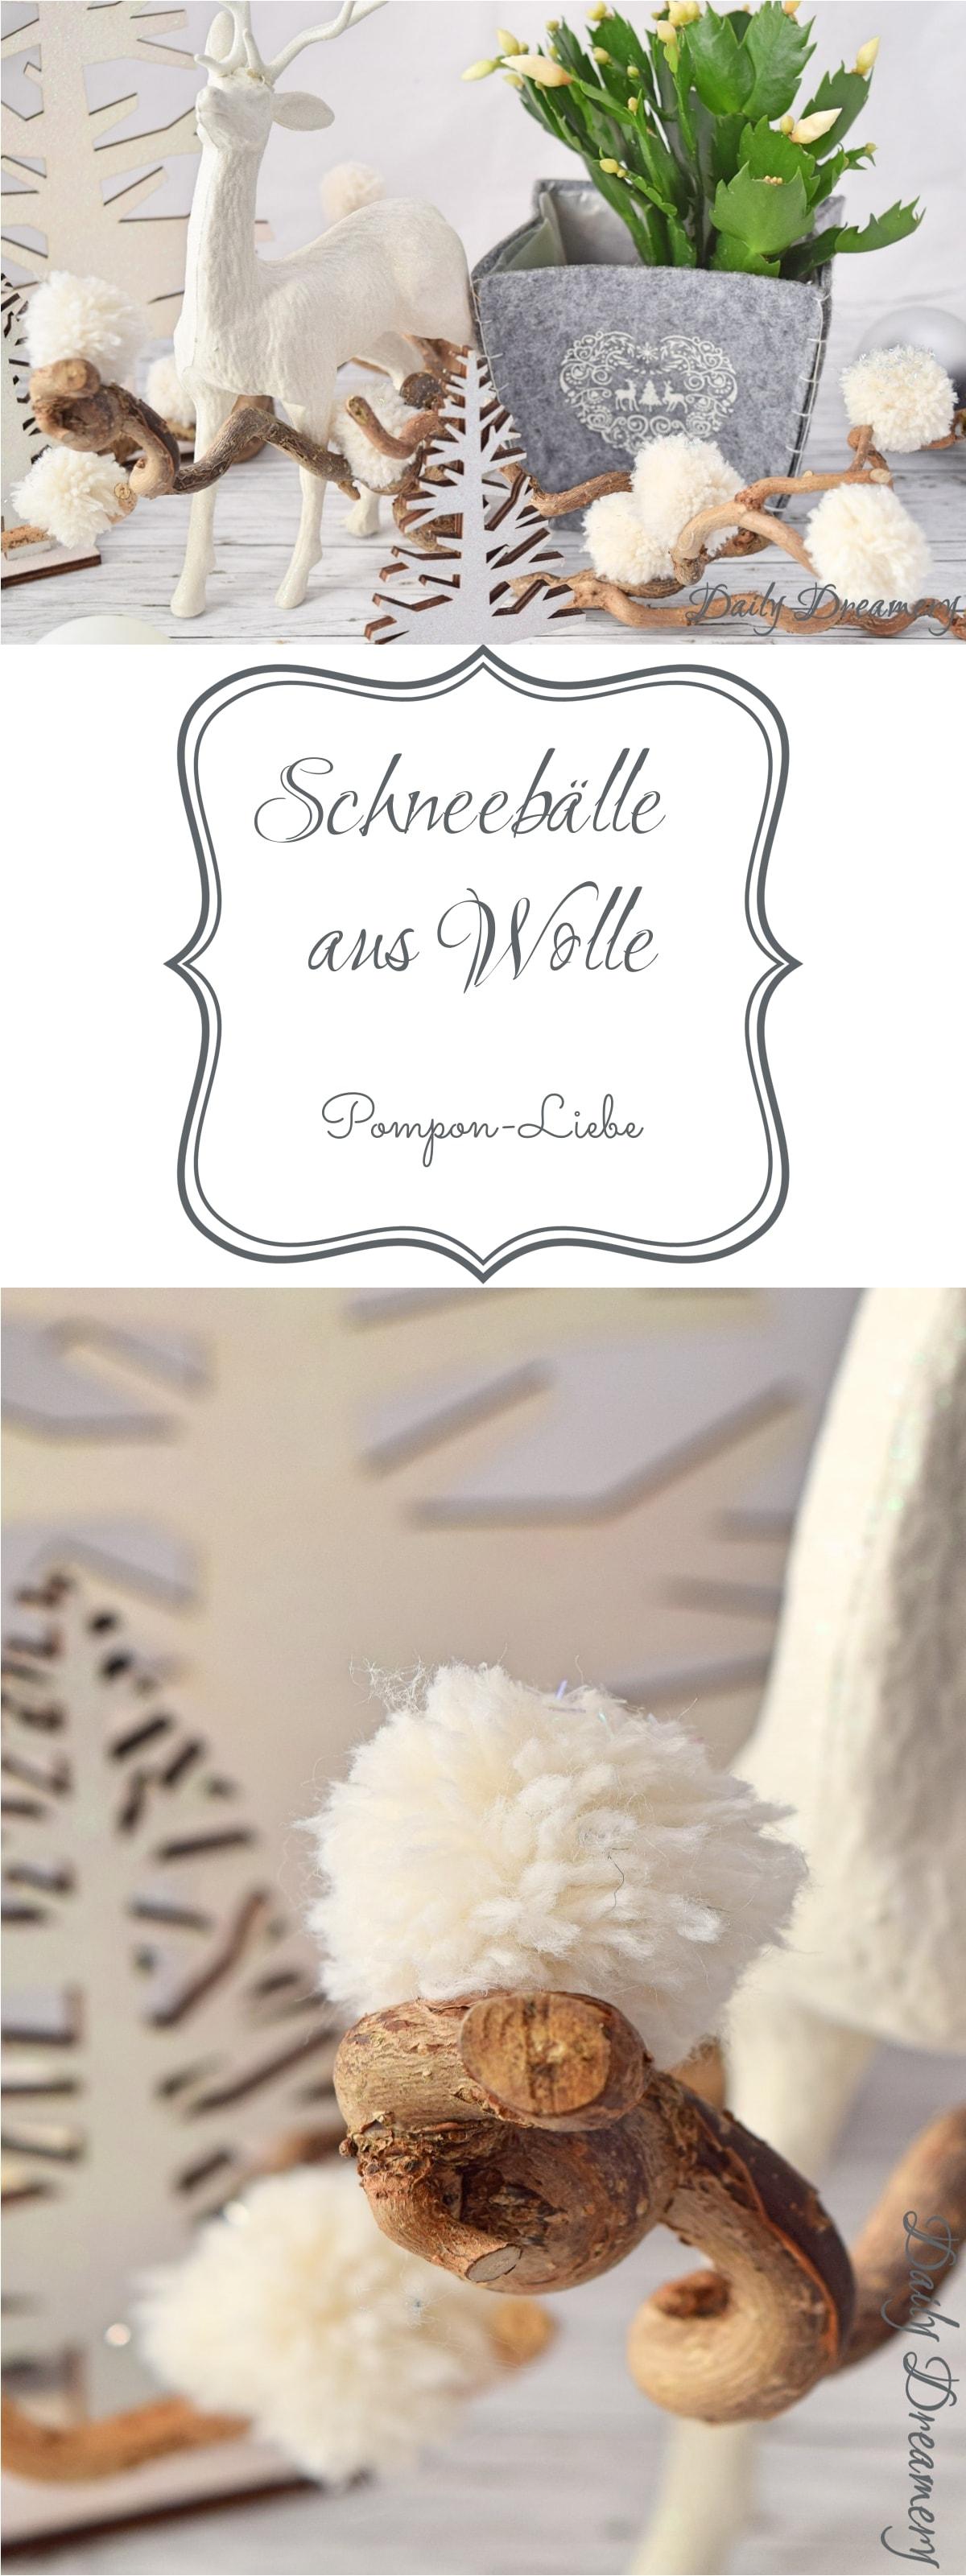 Schneebälle aus Wolle - herrlich leichte Dekoidee für den Winter